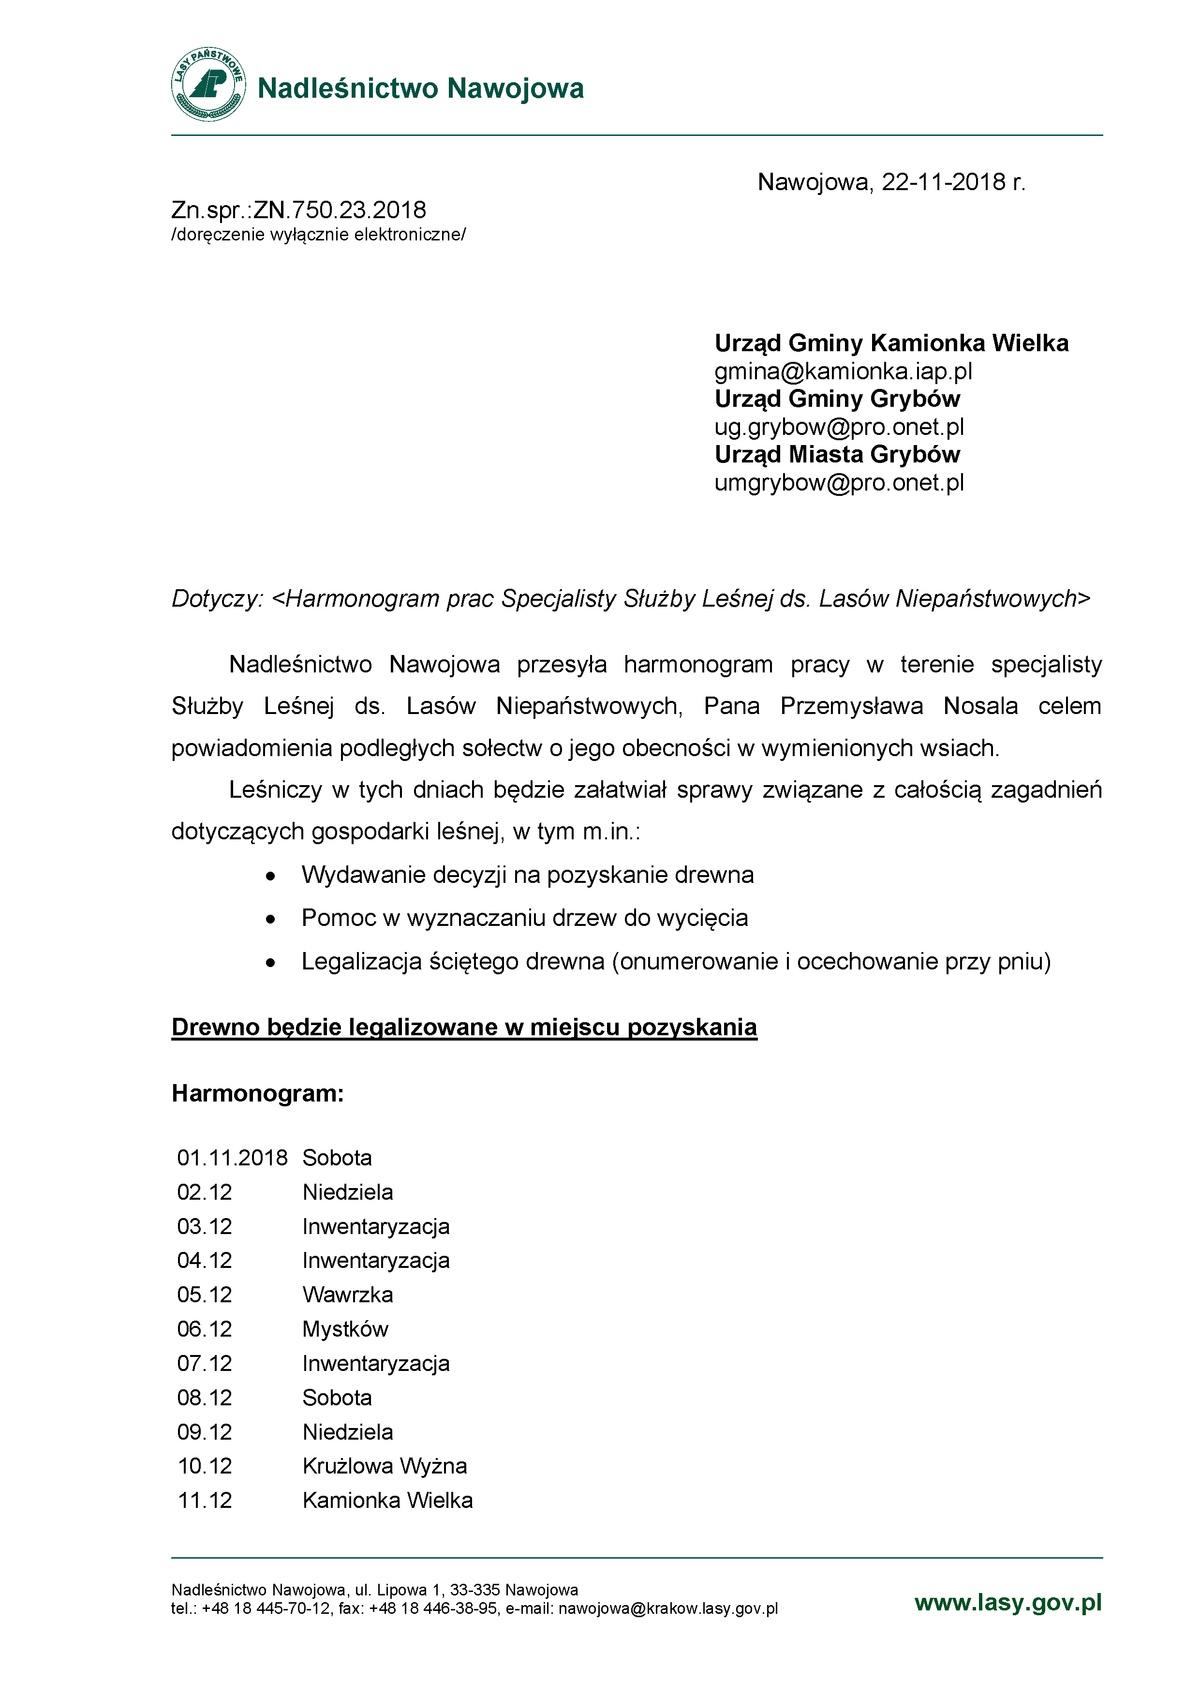 Harmonogram pracy leśniczego (grudzień 2018)